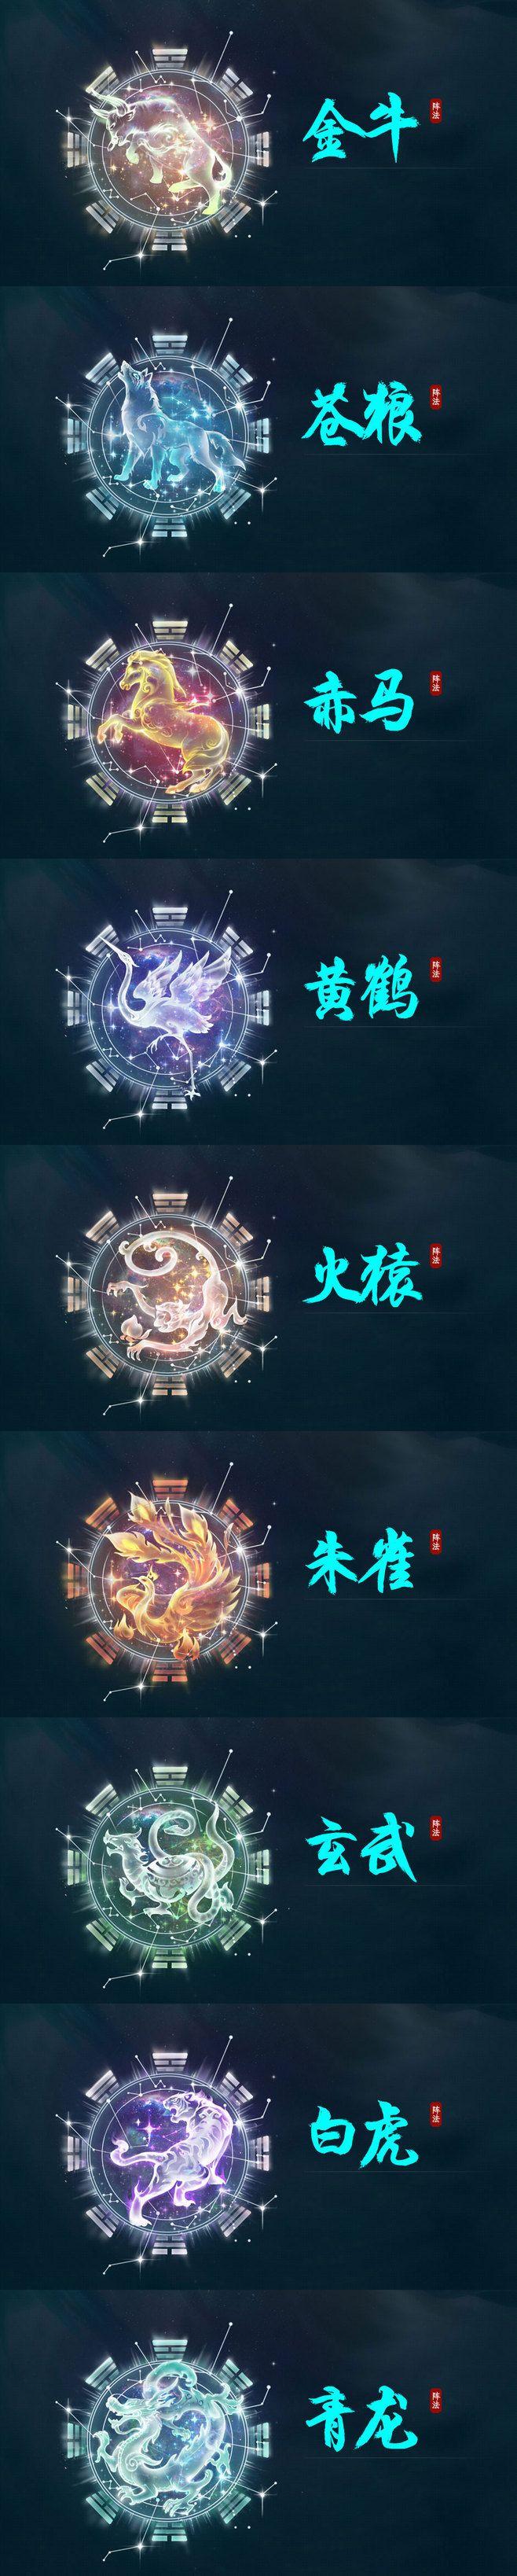 星阵降临-全新地煞星系统玩法专题-新大话...